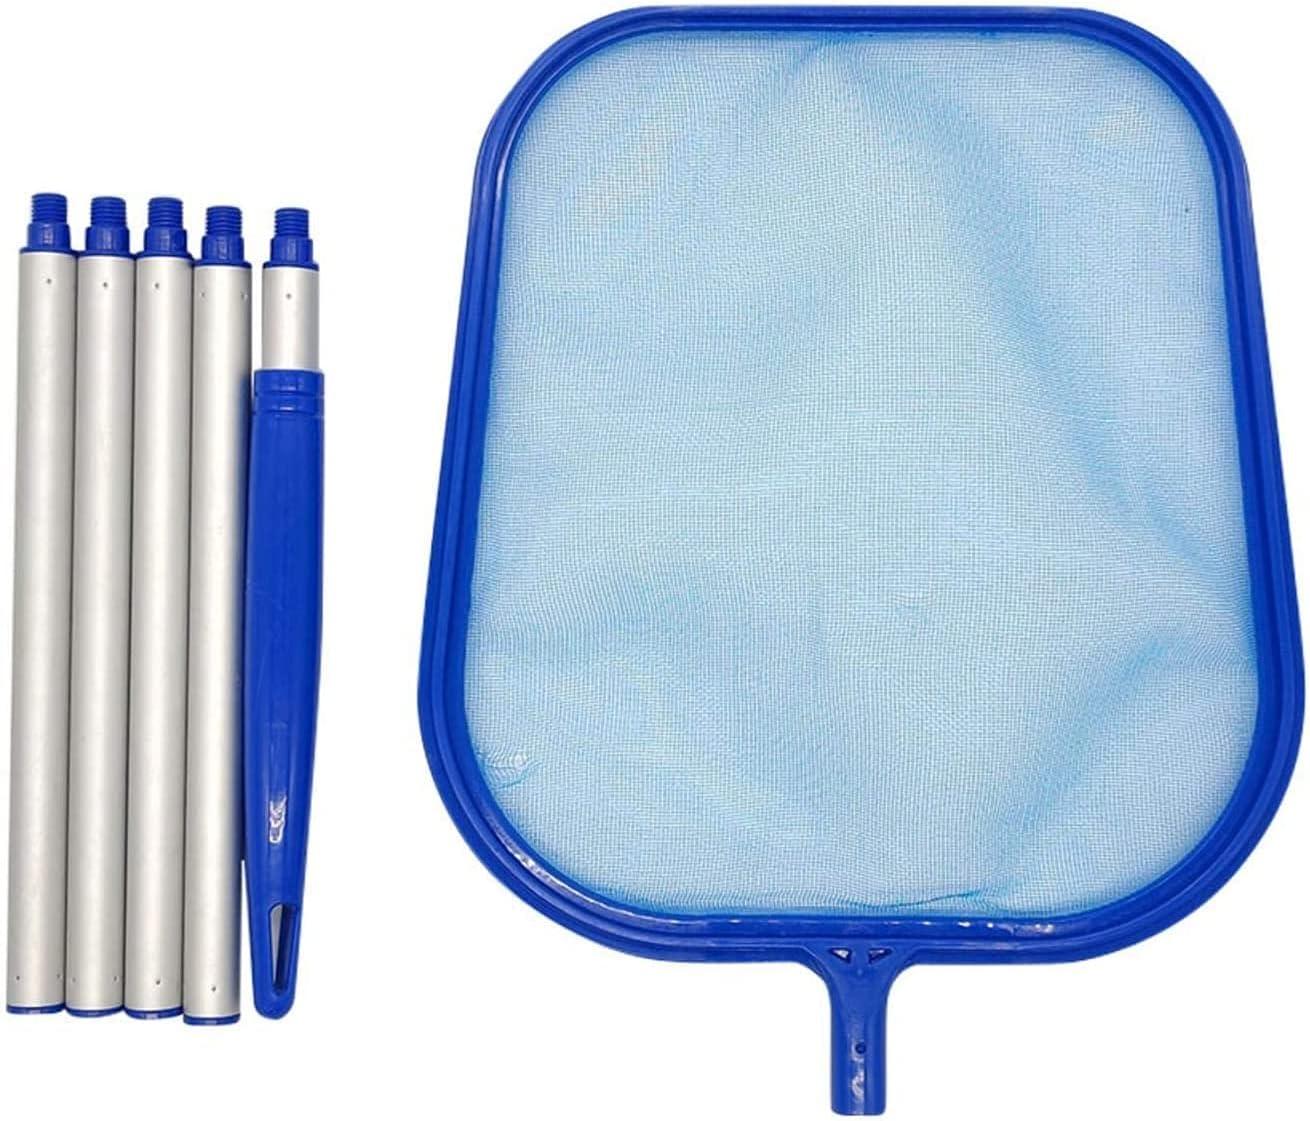 Barrefondos Piscina Manual Pool Skimmer Net con polo desmontable Piscina profesional Leake Rake Fine Mesh Pool Skimmer Net para piscina en el suelo y en el suelo, suministros de limpiador de piscina L